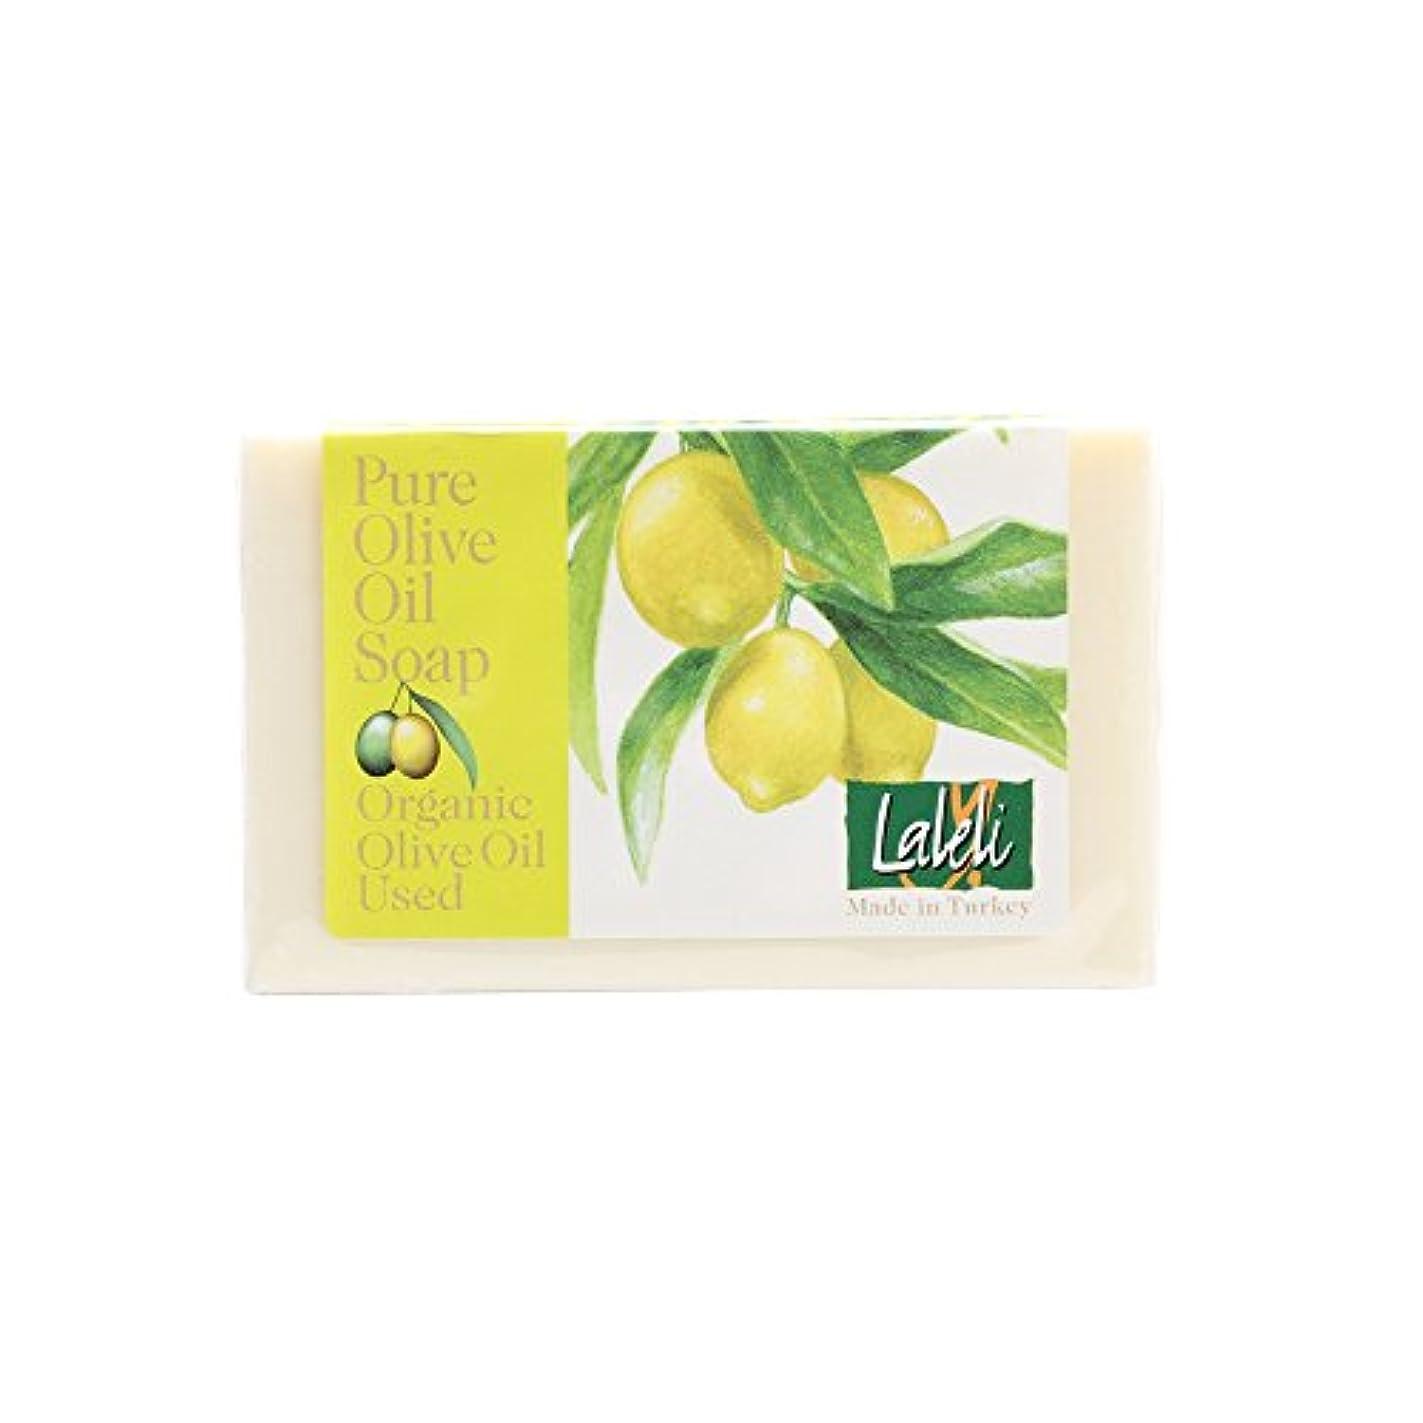 セーブ教育者人事ラーレリ オーガニックオリーブオイルソープ レモン 120g